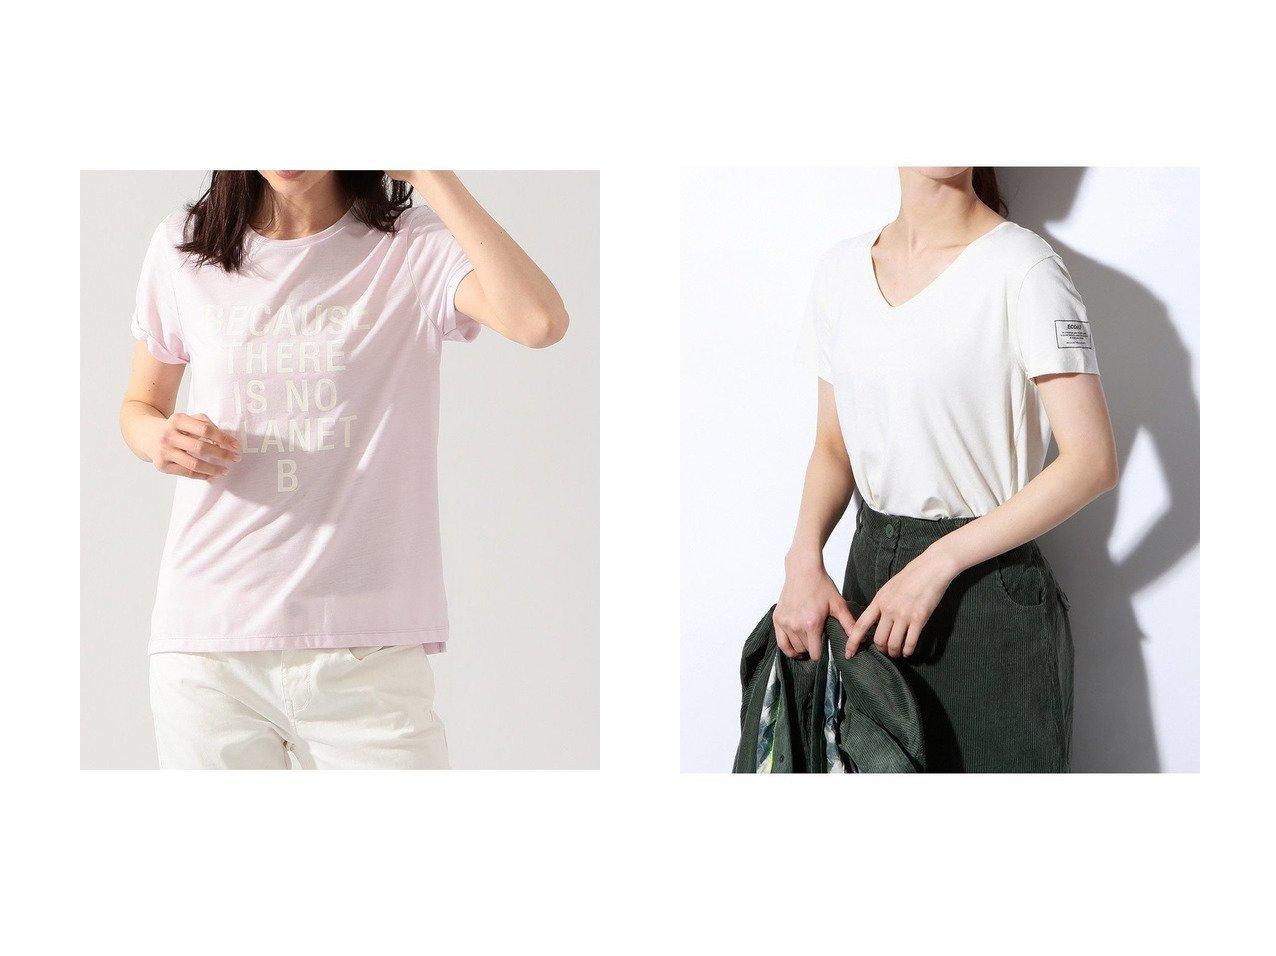 【ECOALF/エコアルフ】のESPOT バックプリント Tシャツ ESPOT T-SHIRT WOMAN&ONDA BACAUSE Tシャツ ONDA BACAUSE T-SHIRT WOMAN 【トップス・カットソー】おすすめ!人気、トレンド・レディースファッションの通販 おすすめで人気の流行・トレンド、ファッションの通販商品 メンズファッション・キッズファッション・インテリア・家具・レディースファッション・服の通販 founy(ファニー) https://founy.com/ ファッション Fashion レディースファッション WOMEN トップス・カットソー Tops/Tshirt シャツ/ブラウス Shirts/Blouses ロング / Tシャツ T-Shirts カットソー Cut and Sewn コレクション ショート スリーブ 再入荷 Restock/Back in Stock/Re Arrival |ID:crp329100000037737